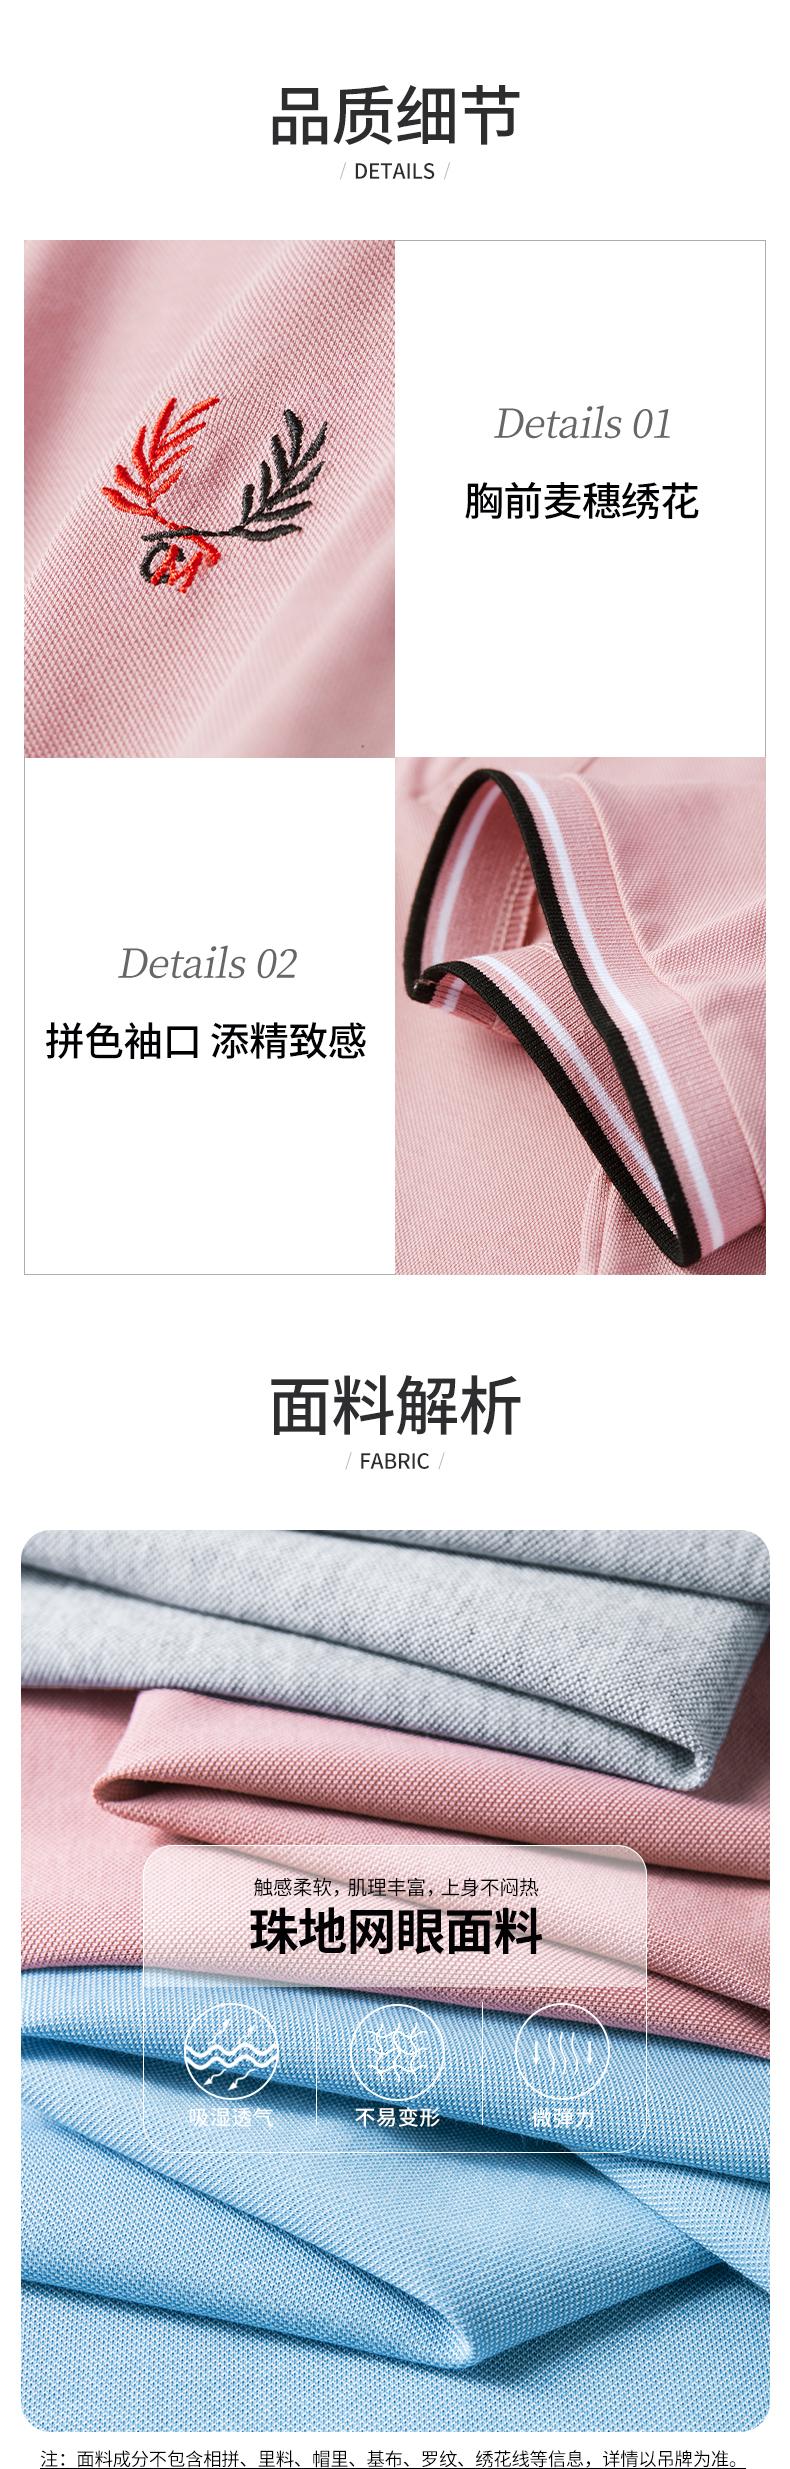 骆驼 2021新潮刺绣Polo衫 图7